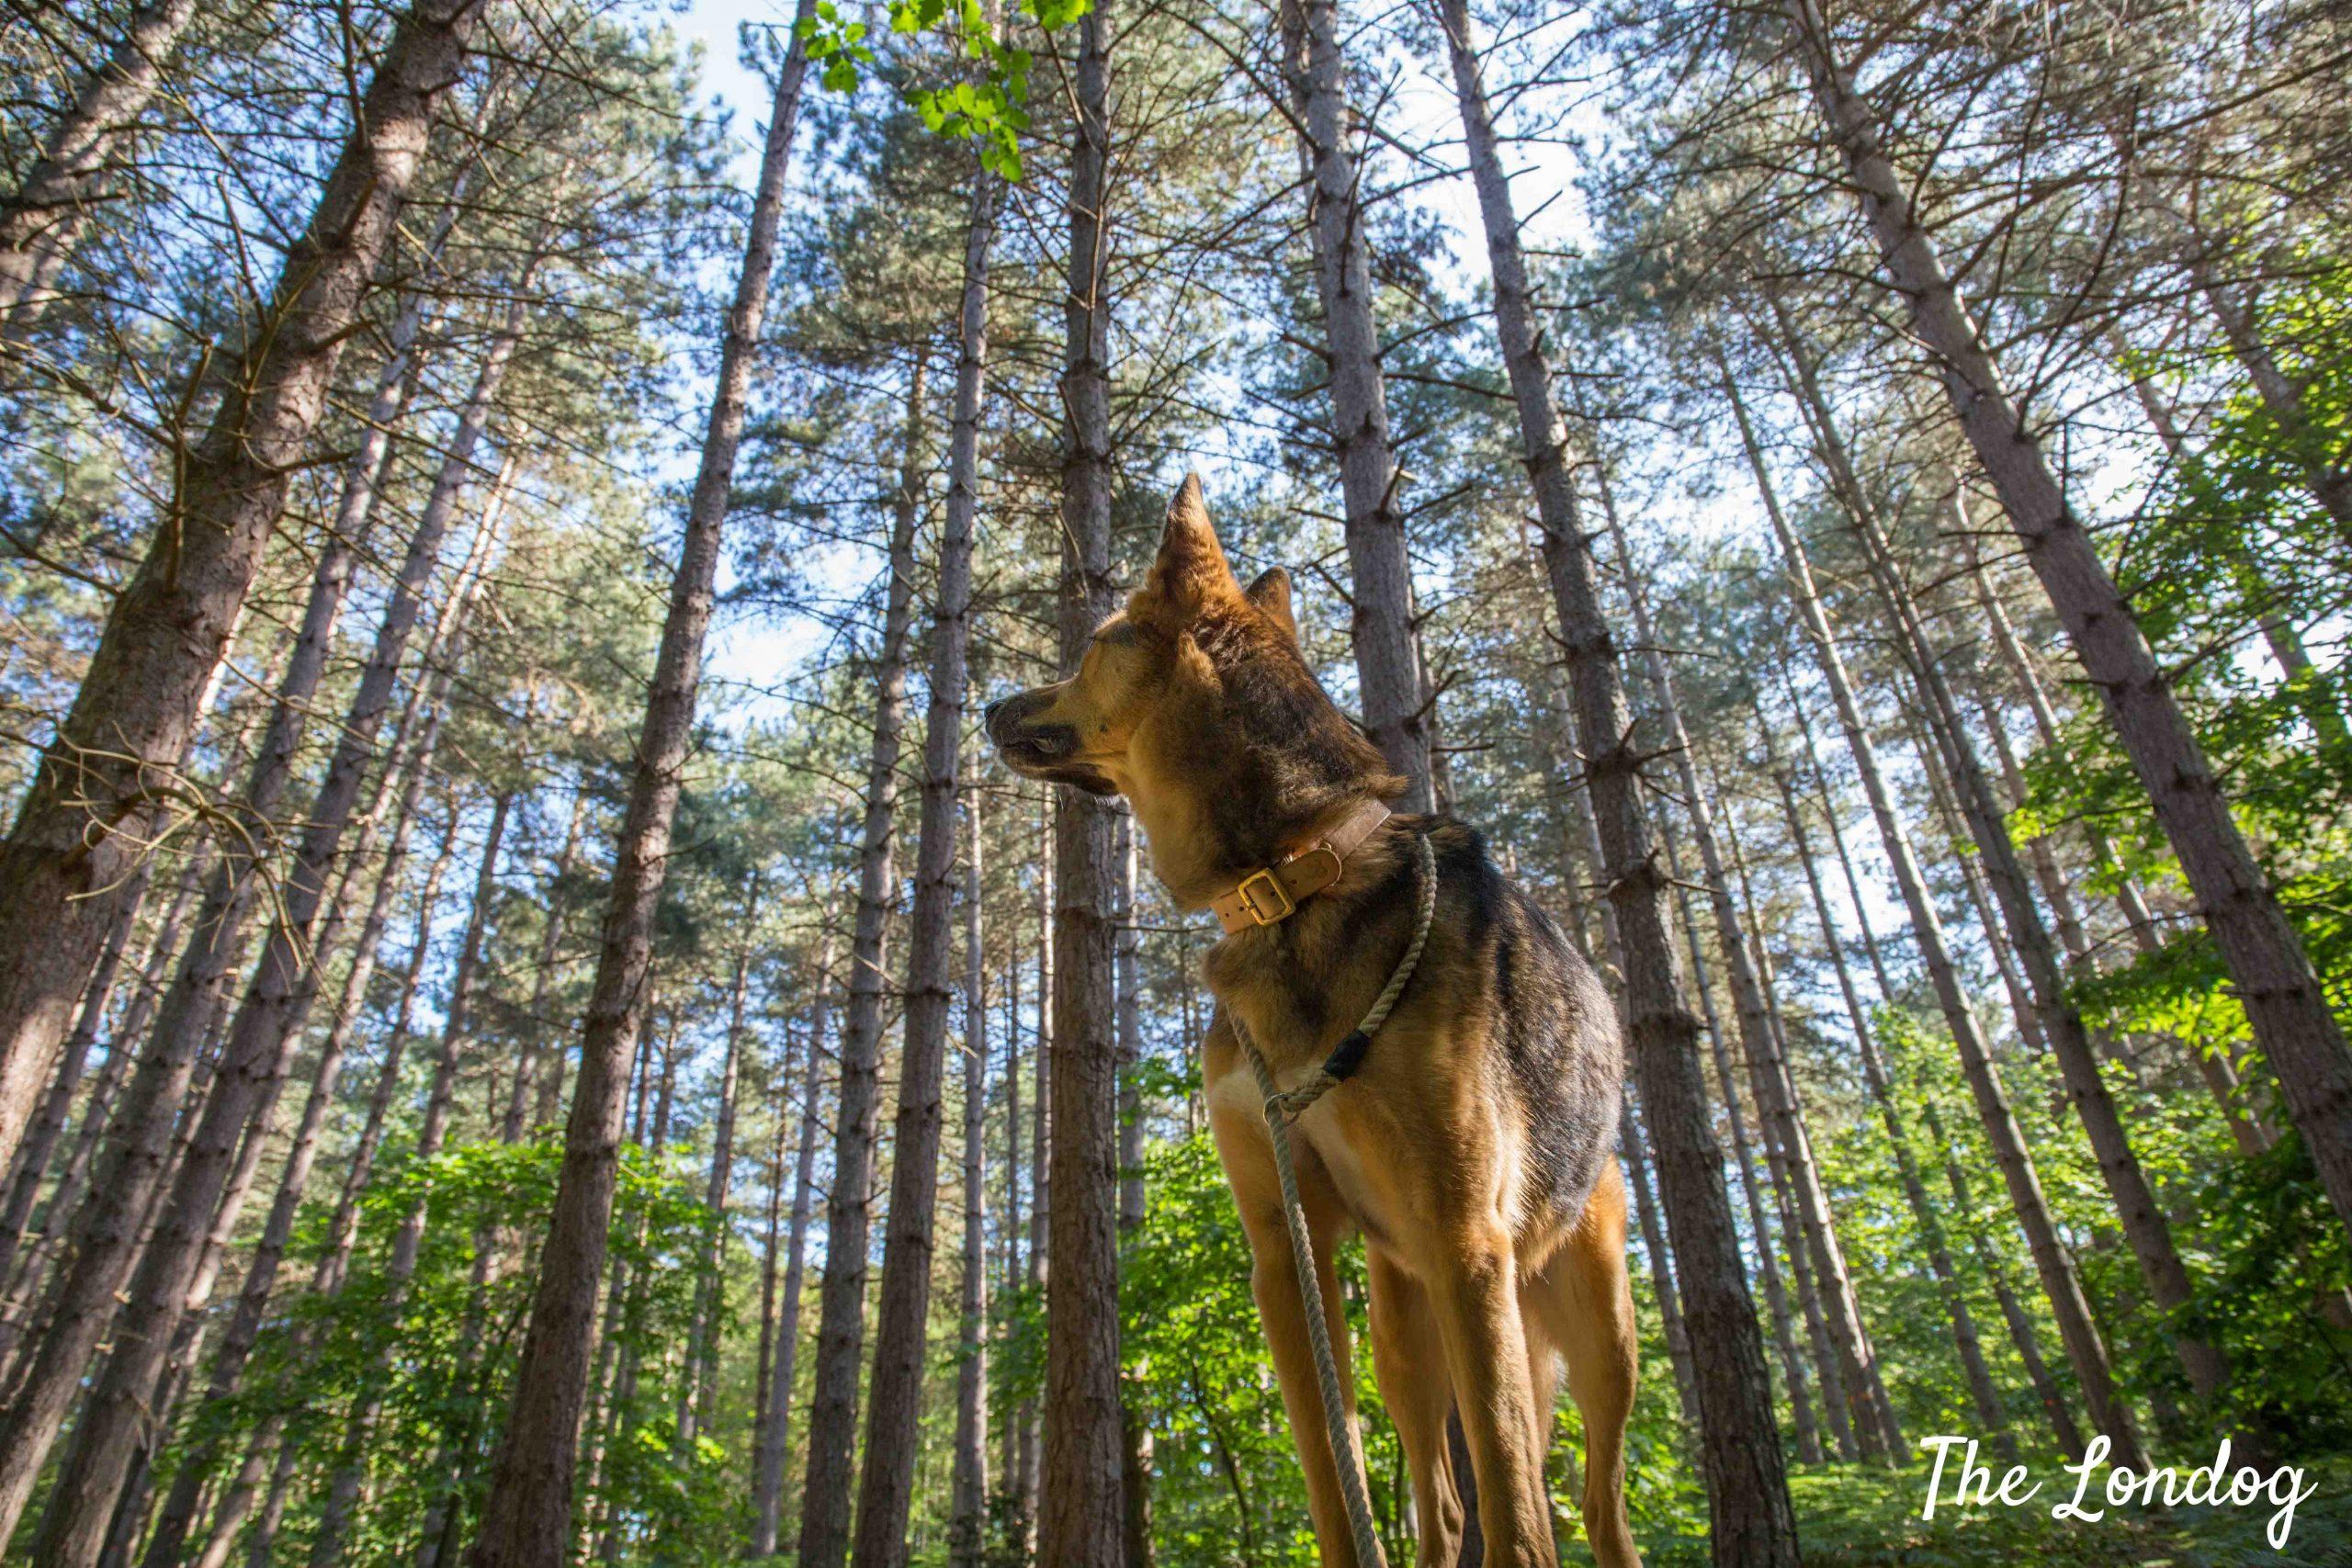 Dog among trees on walk at Joyden's Wood